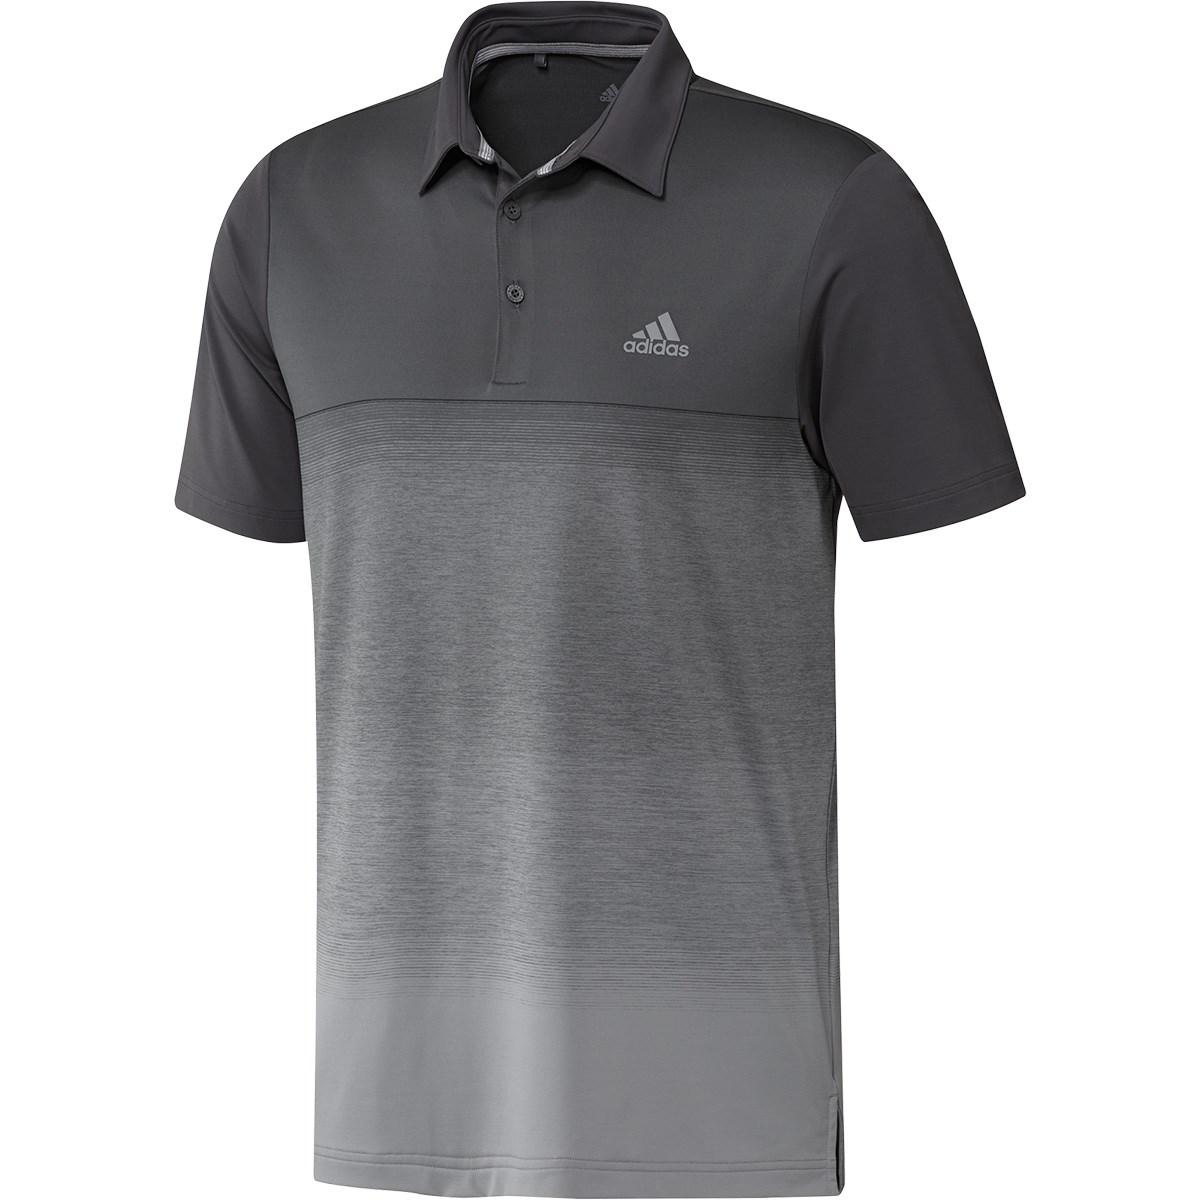 アディダス(adidas) ULTIMATE365 メランジプリント 半袖ポロシャツ